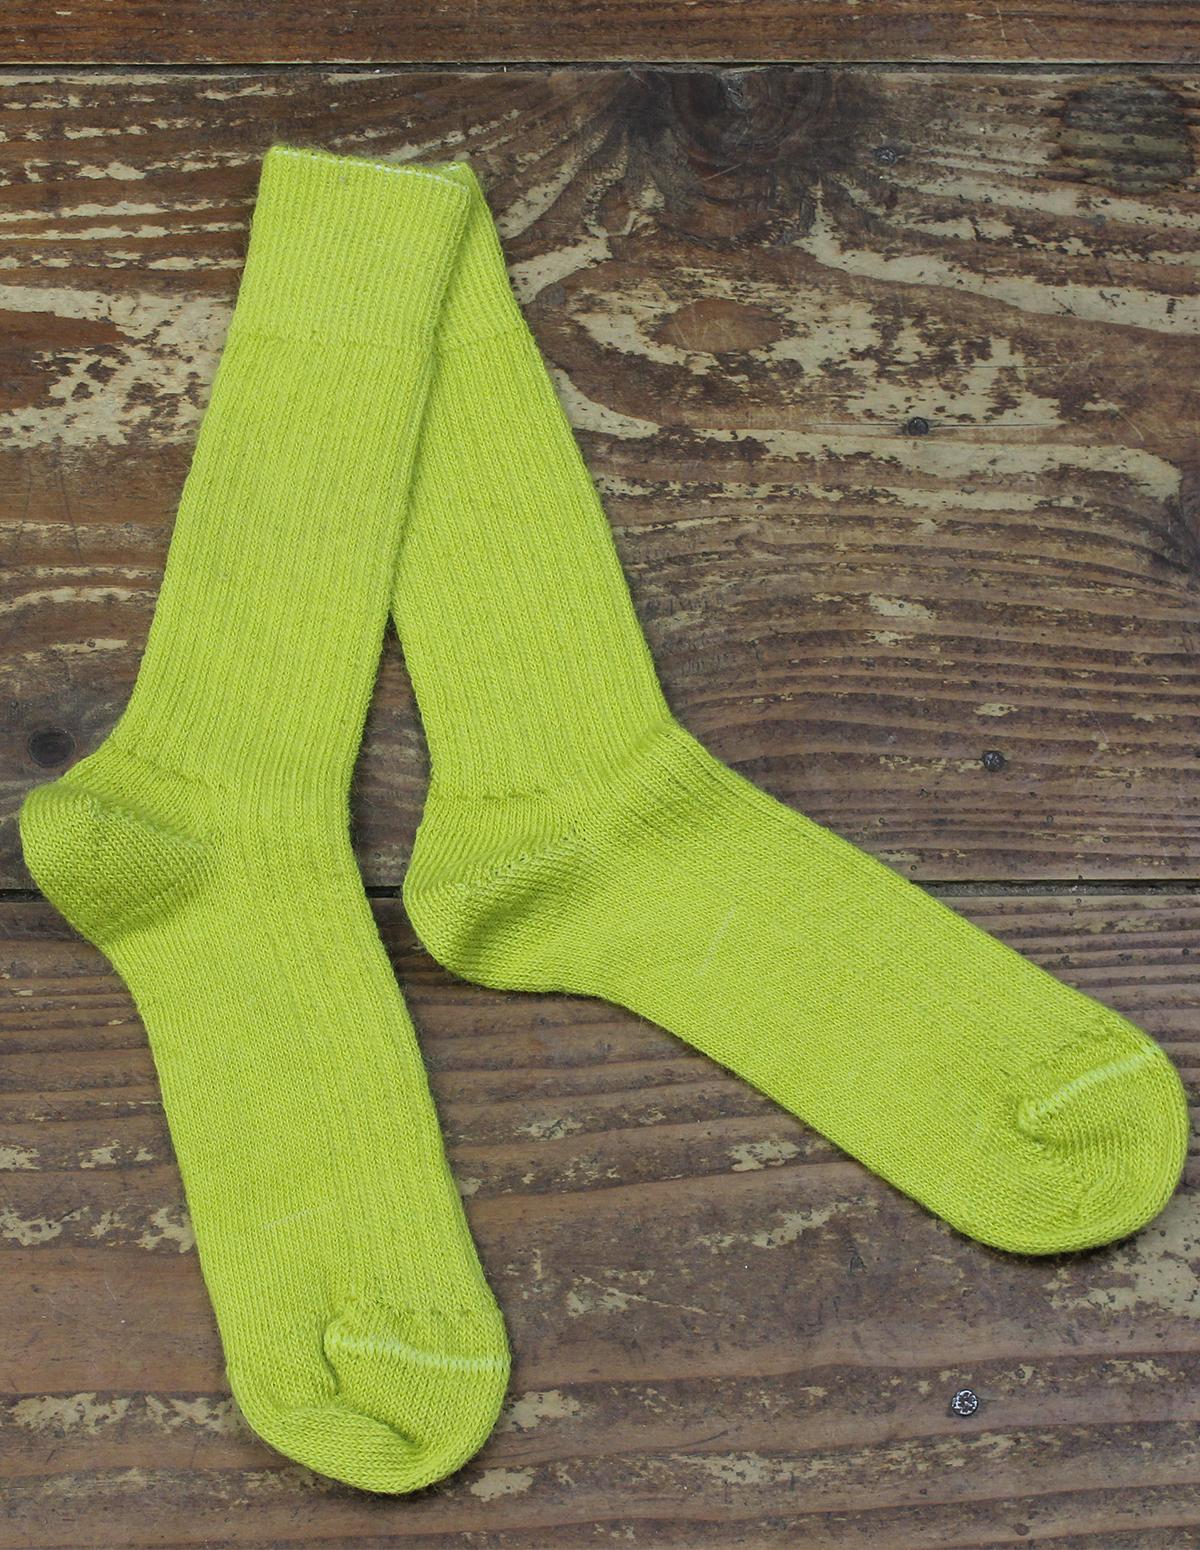 Chaussettes-fines-Mohair-Absinthe-2-Une-Ferme-a-la-Bassette